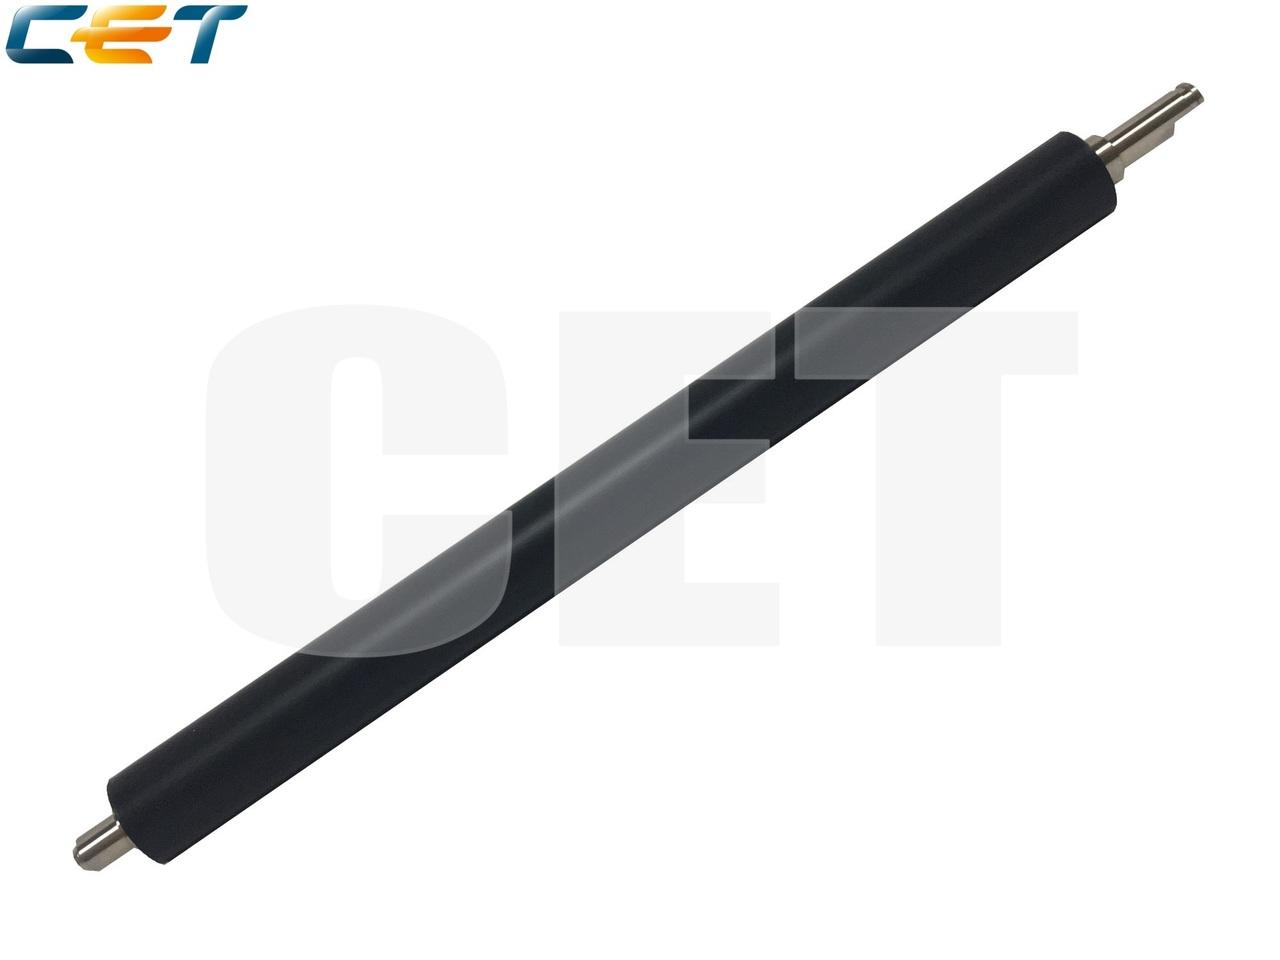 Резиновый вал для HP LaserJet Pro M402/M426 (CET),CET3107